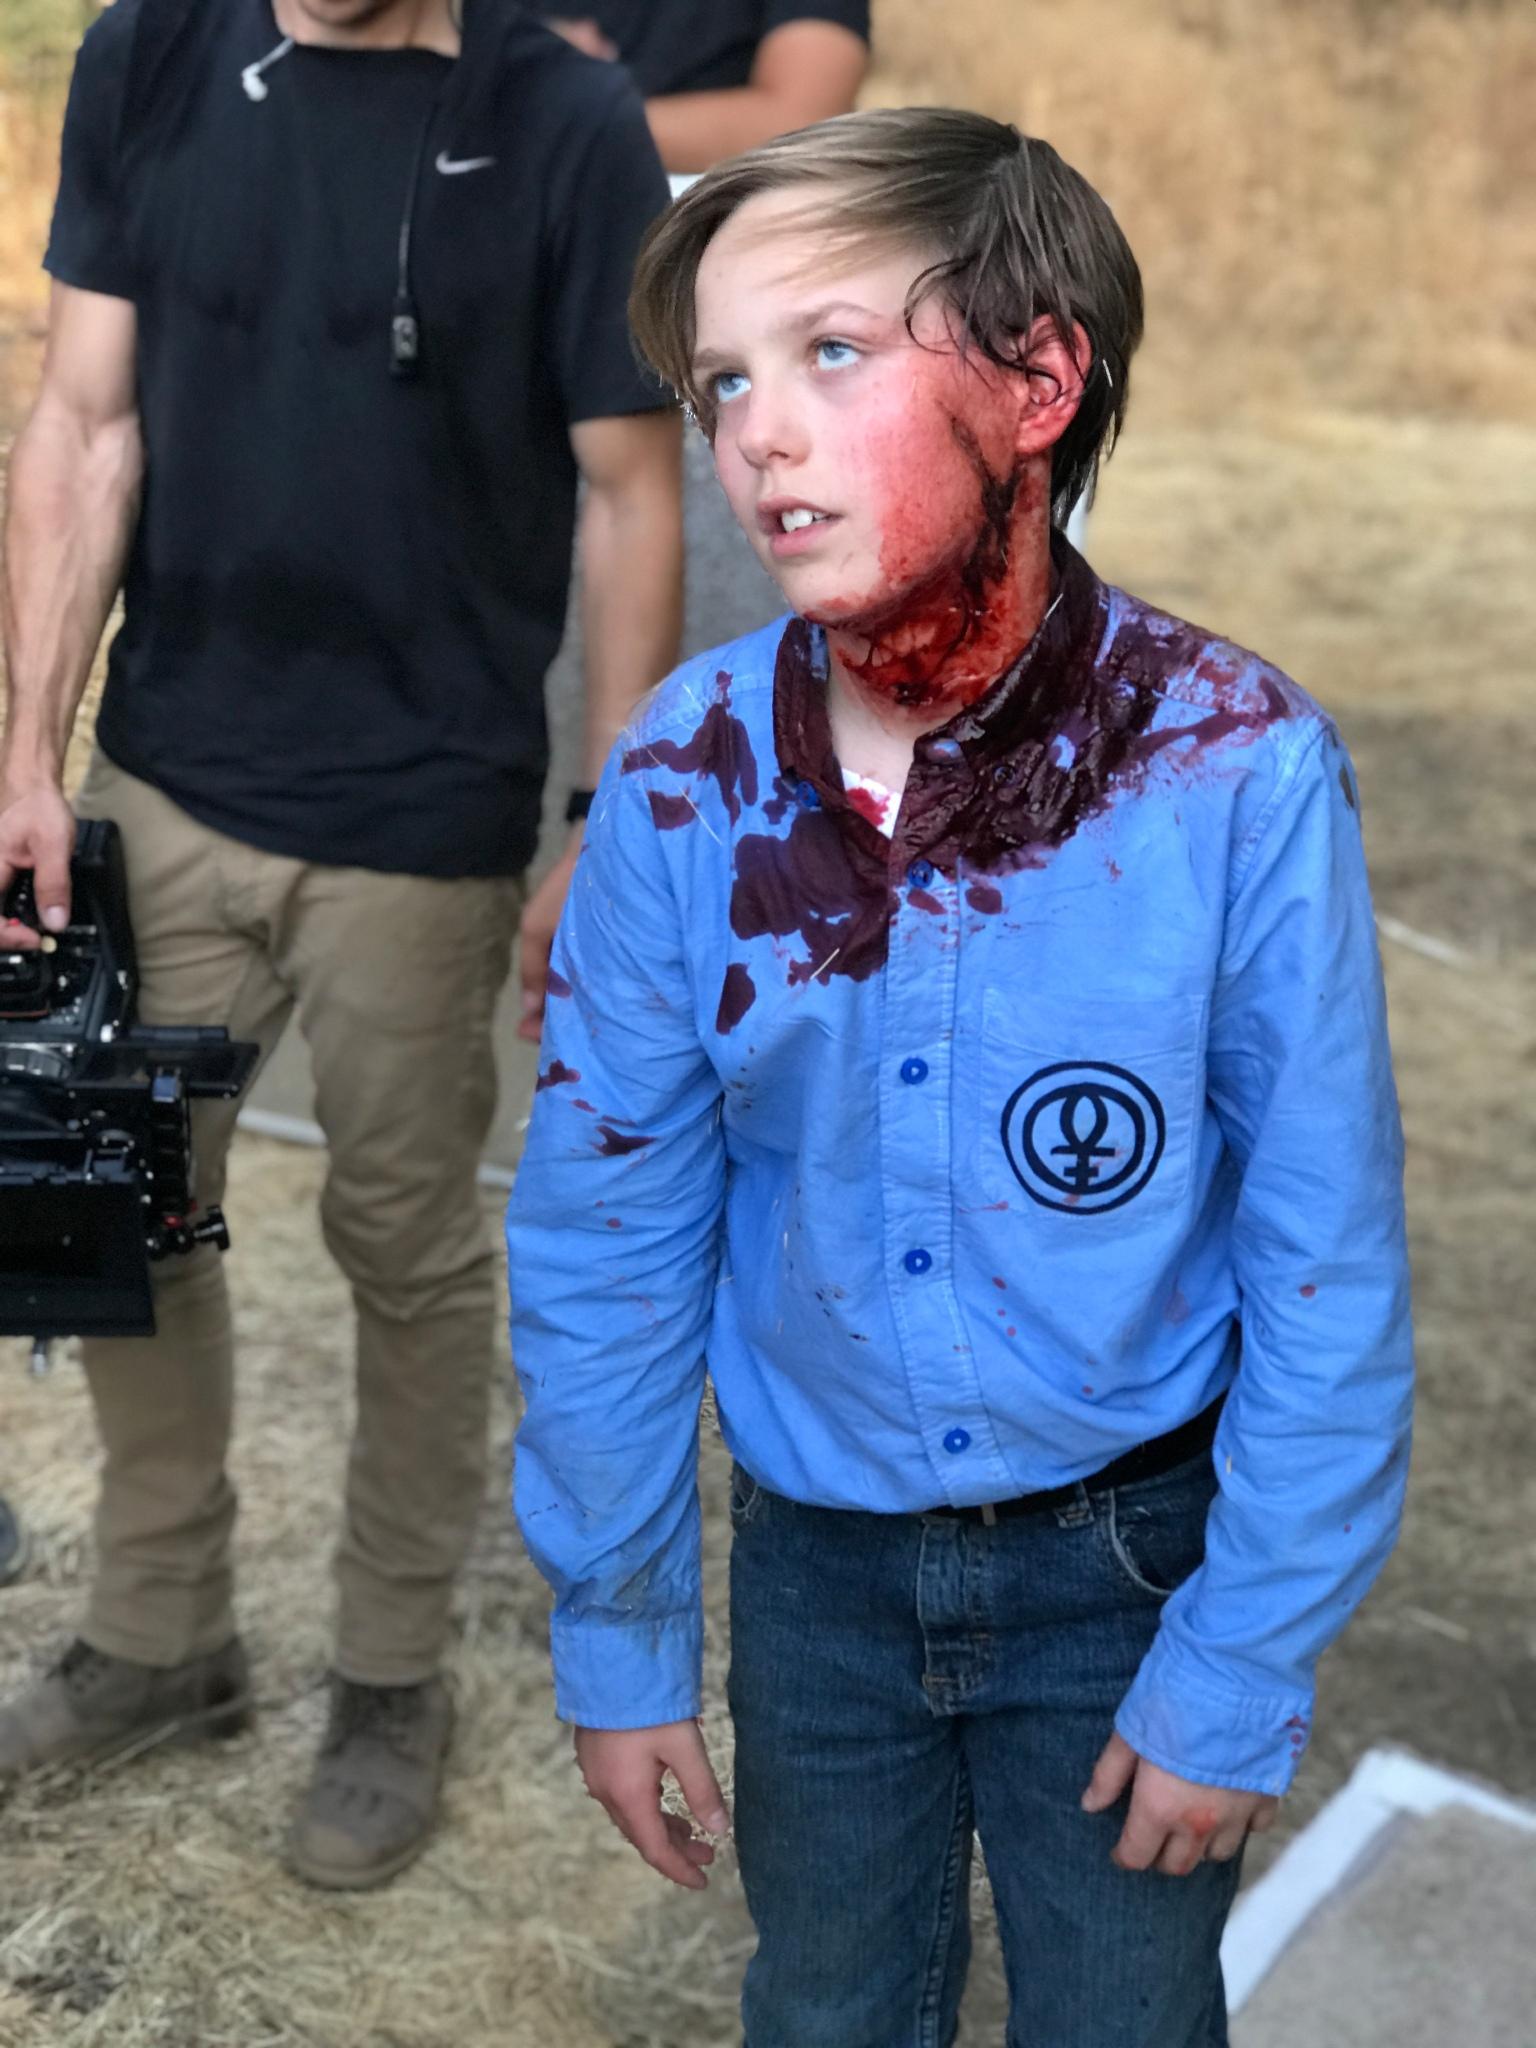 Dead kid 4.jpeg